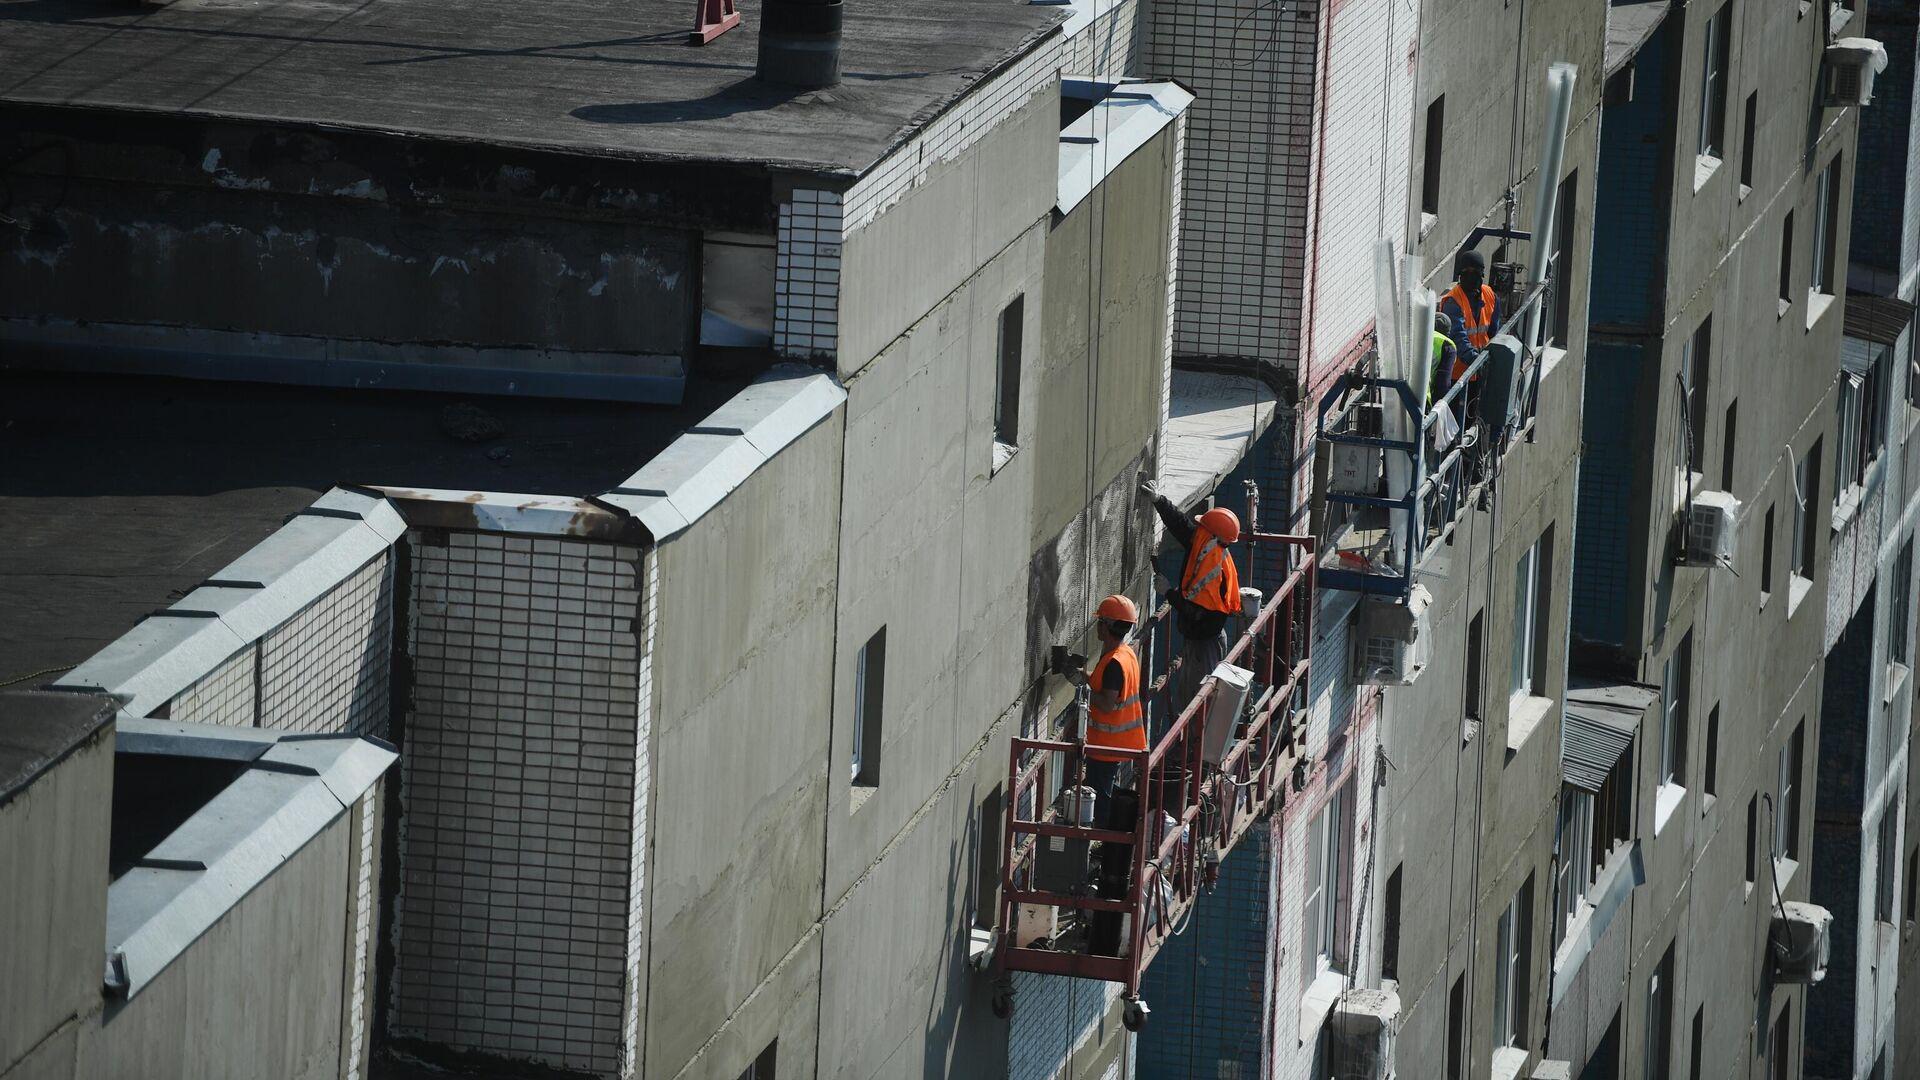 Рабочие проводят ремонт жилого дома - РИА Новости, 1920, 27.10.2020